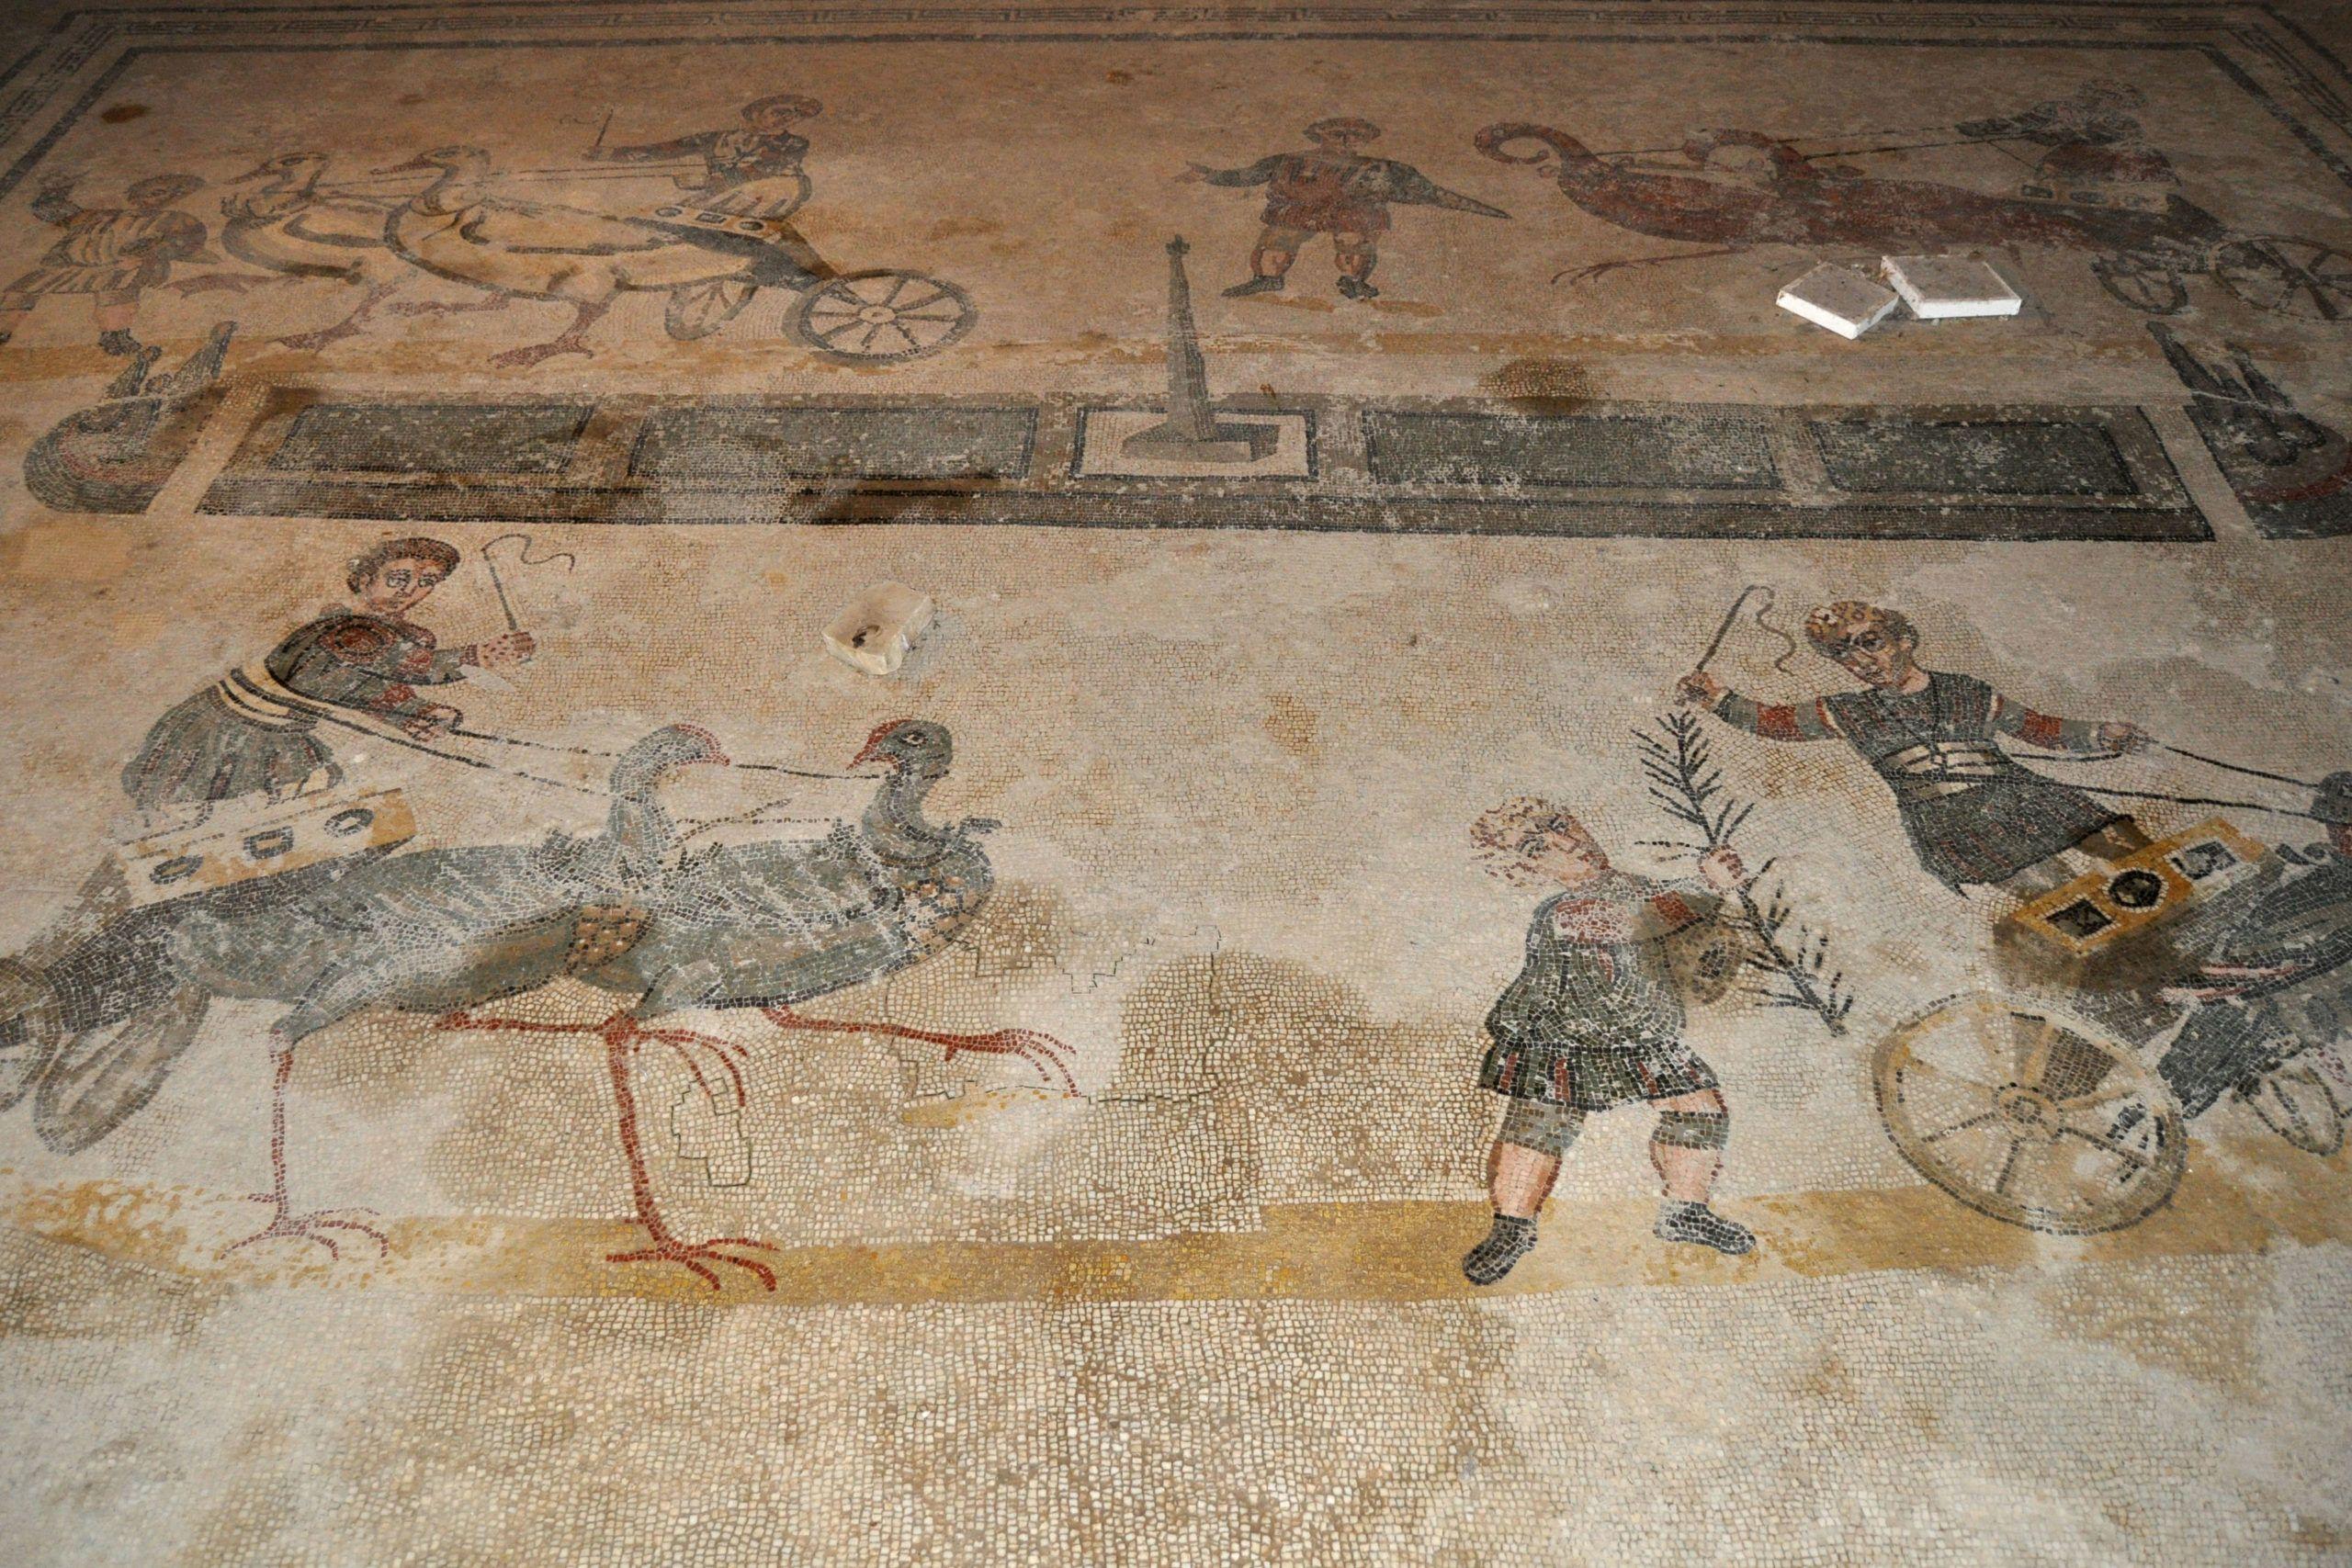 La Villa Romana del Casale risplende<br> grazie a una partnership pubblico-privato